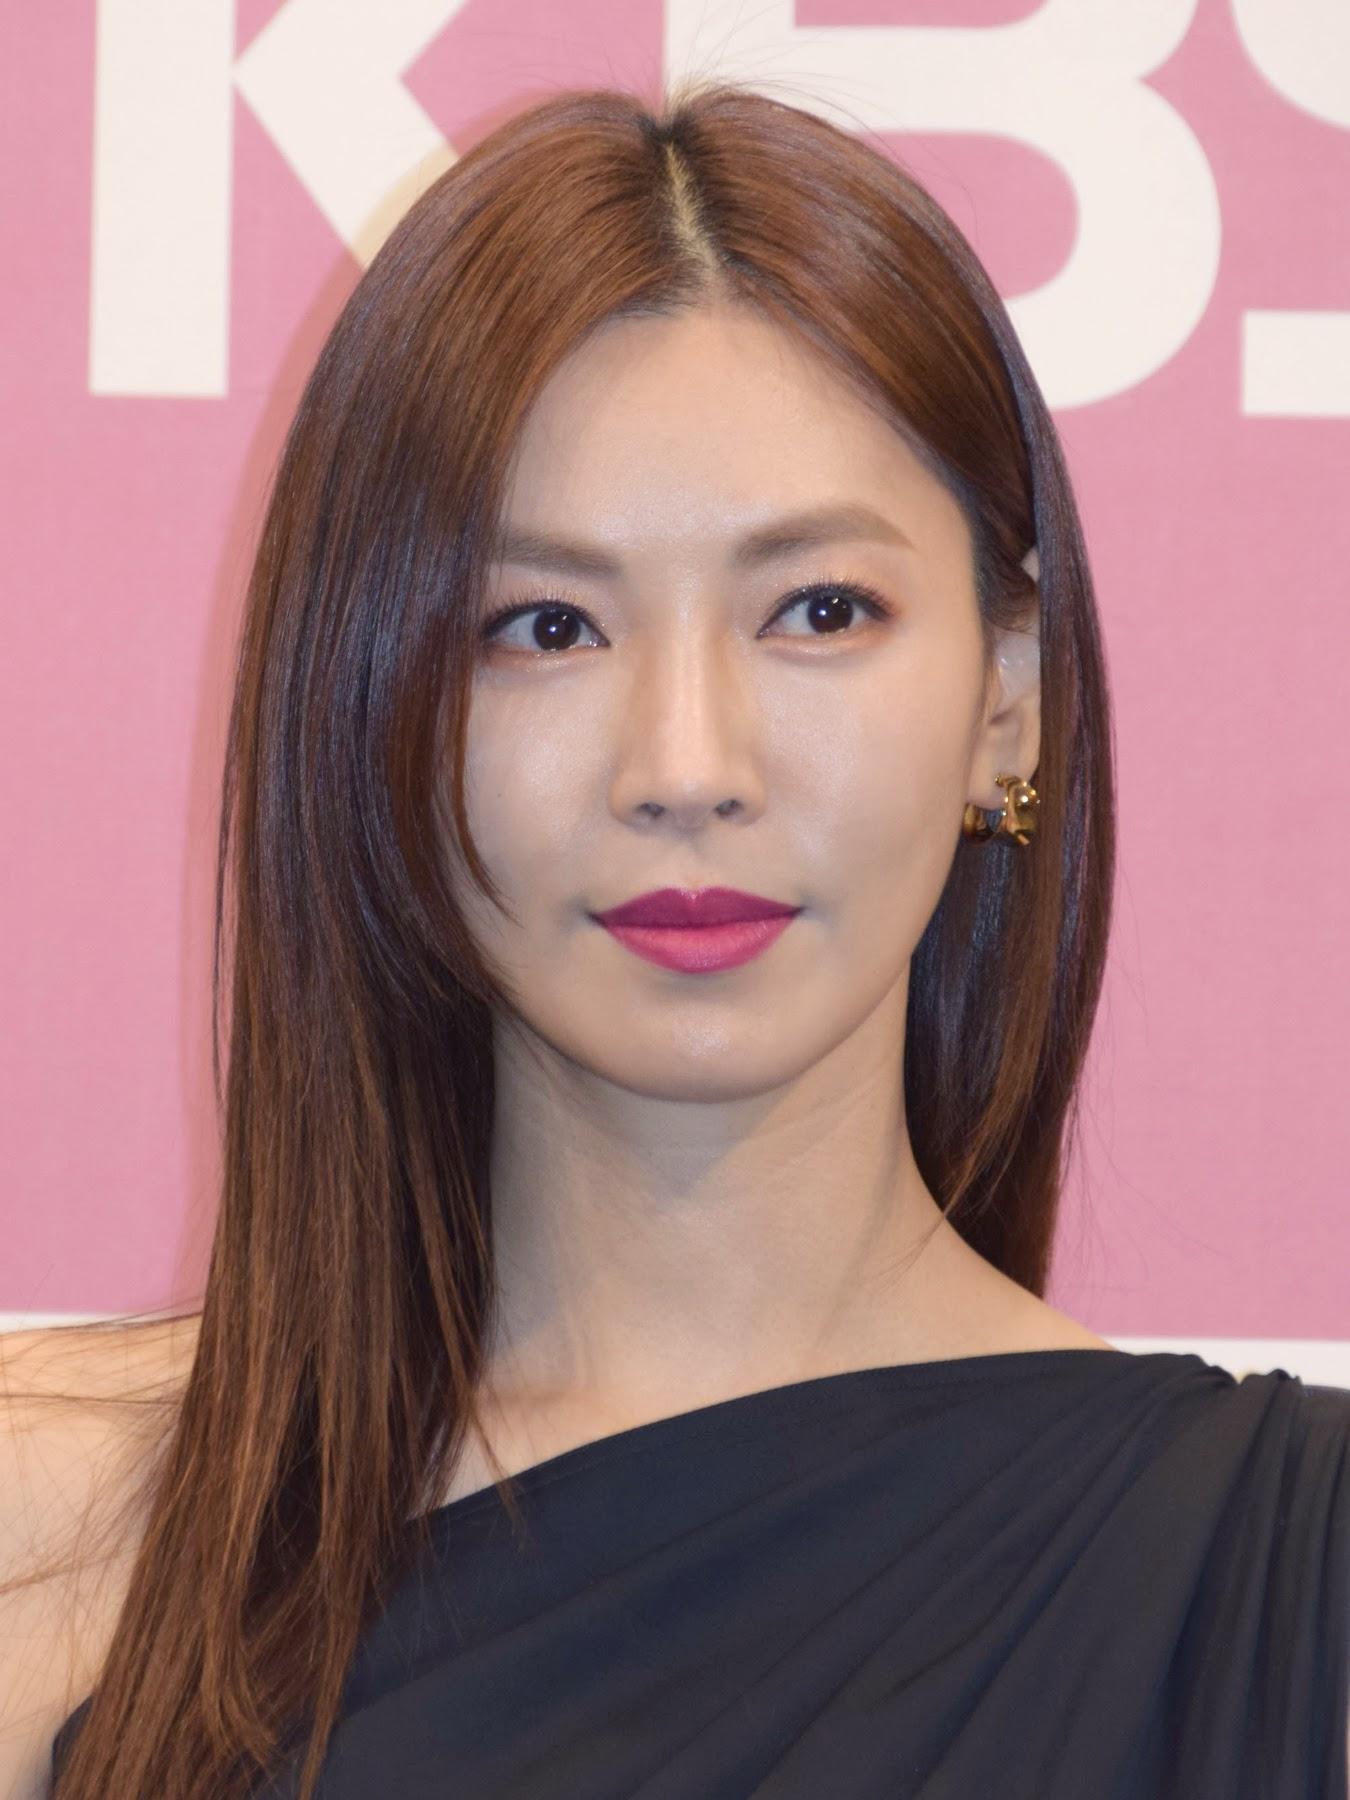 KimSoYeon